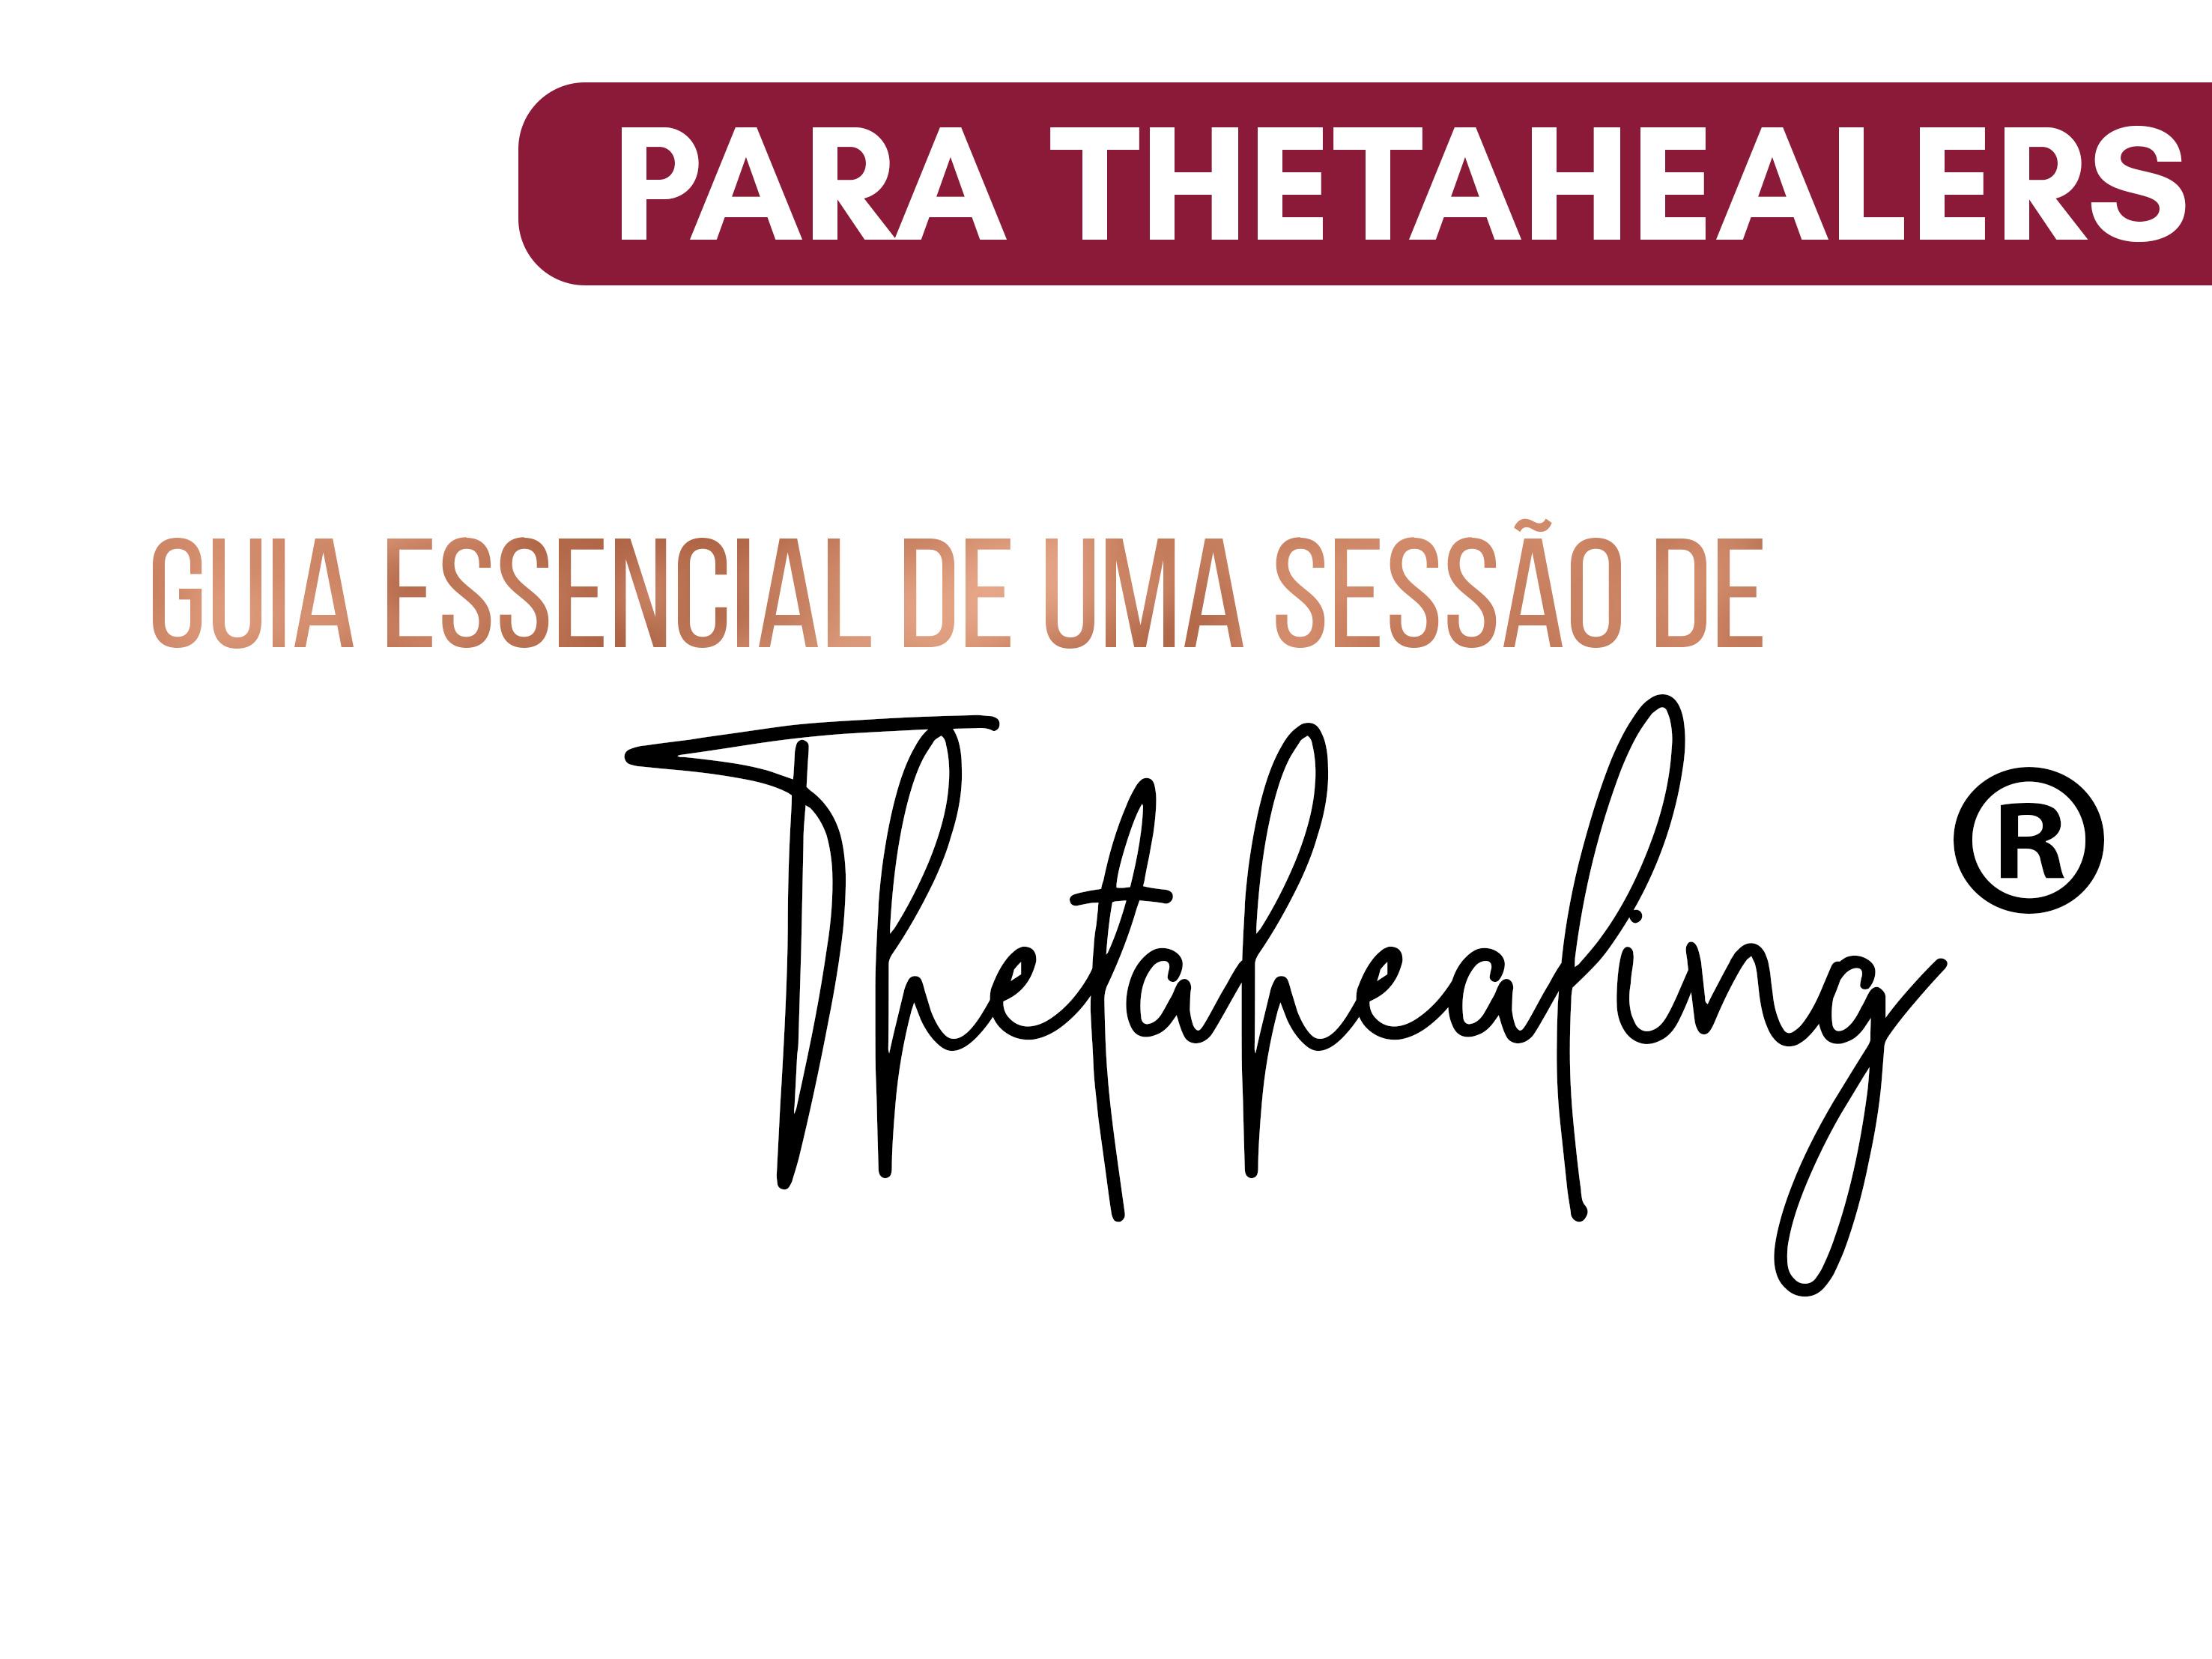 Capa do Curso Guia essencial de uma sessão de ThetaHealing®